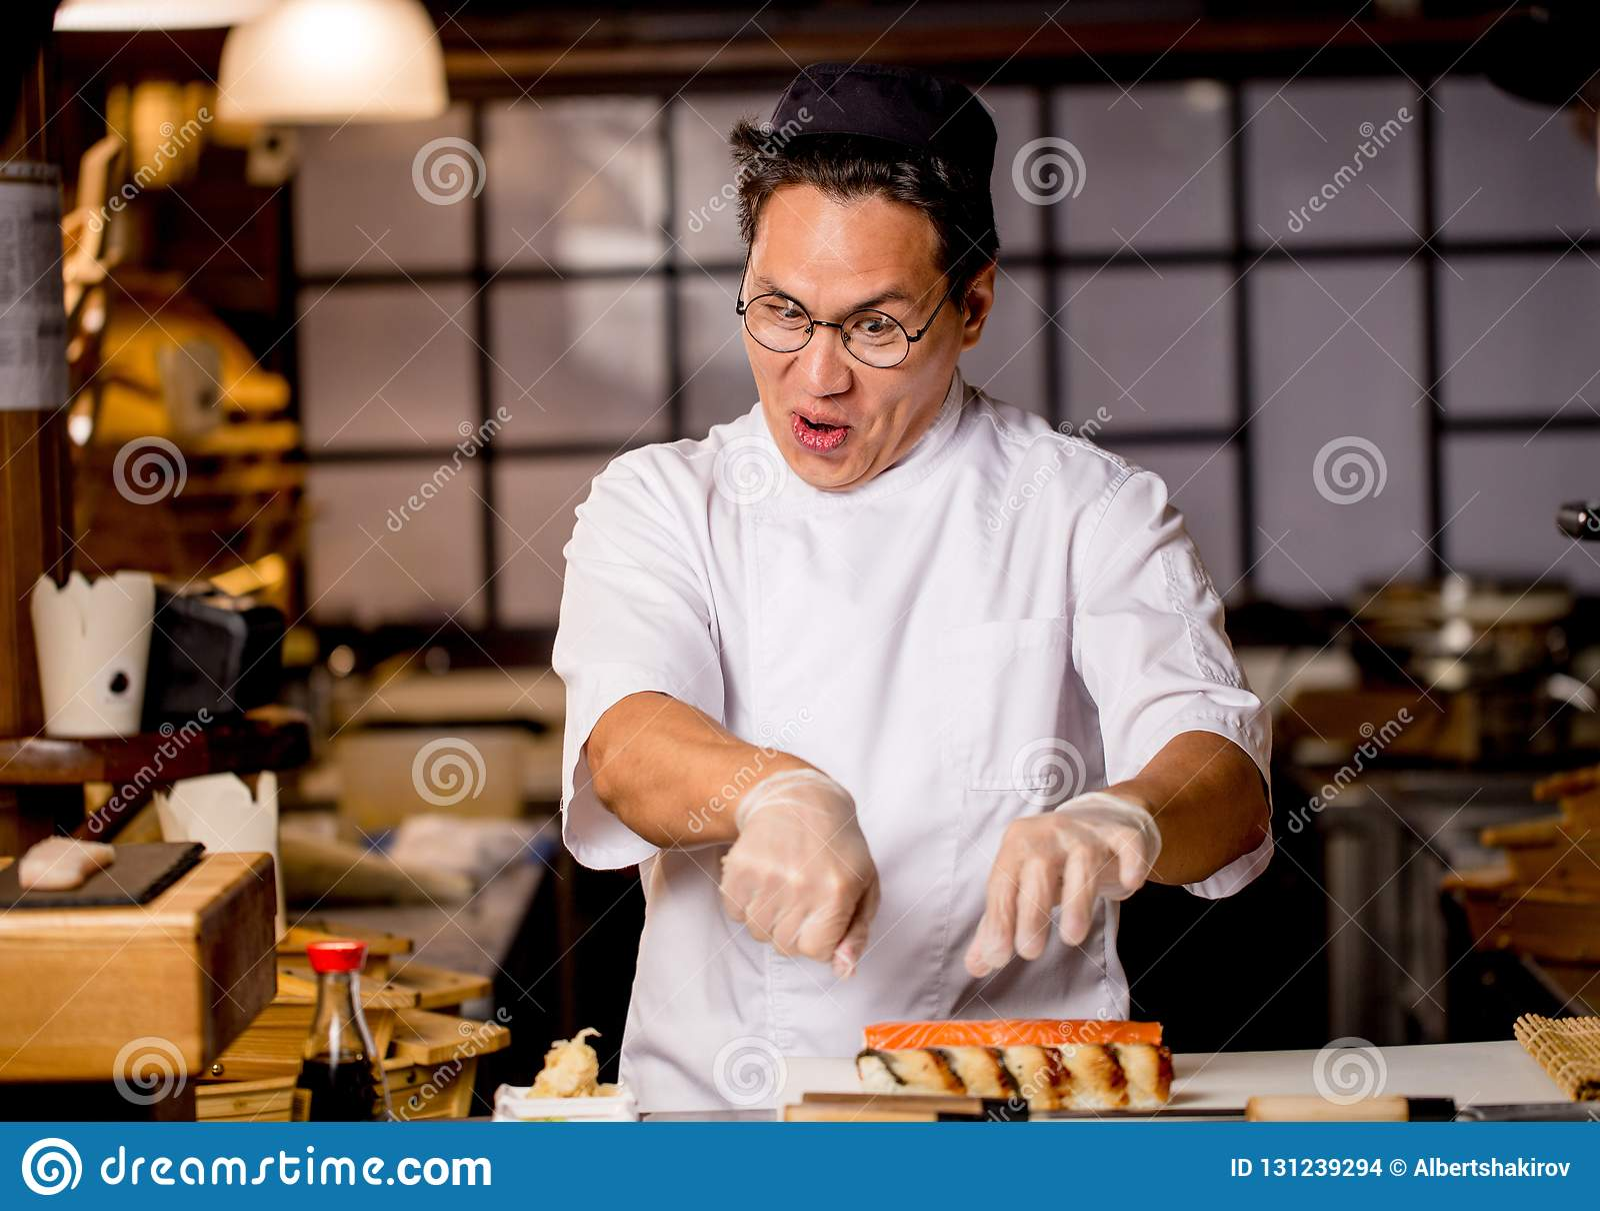 滑稽的疯狂的厨师创造他喜爱的盘 人对烹调是疯狂的